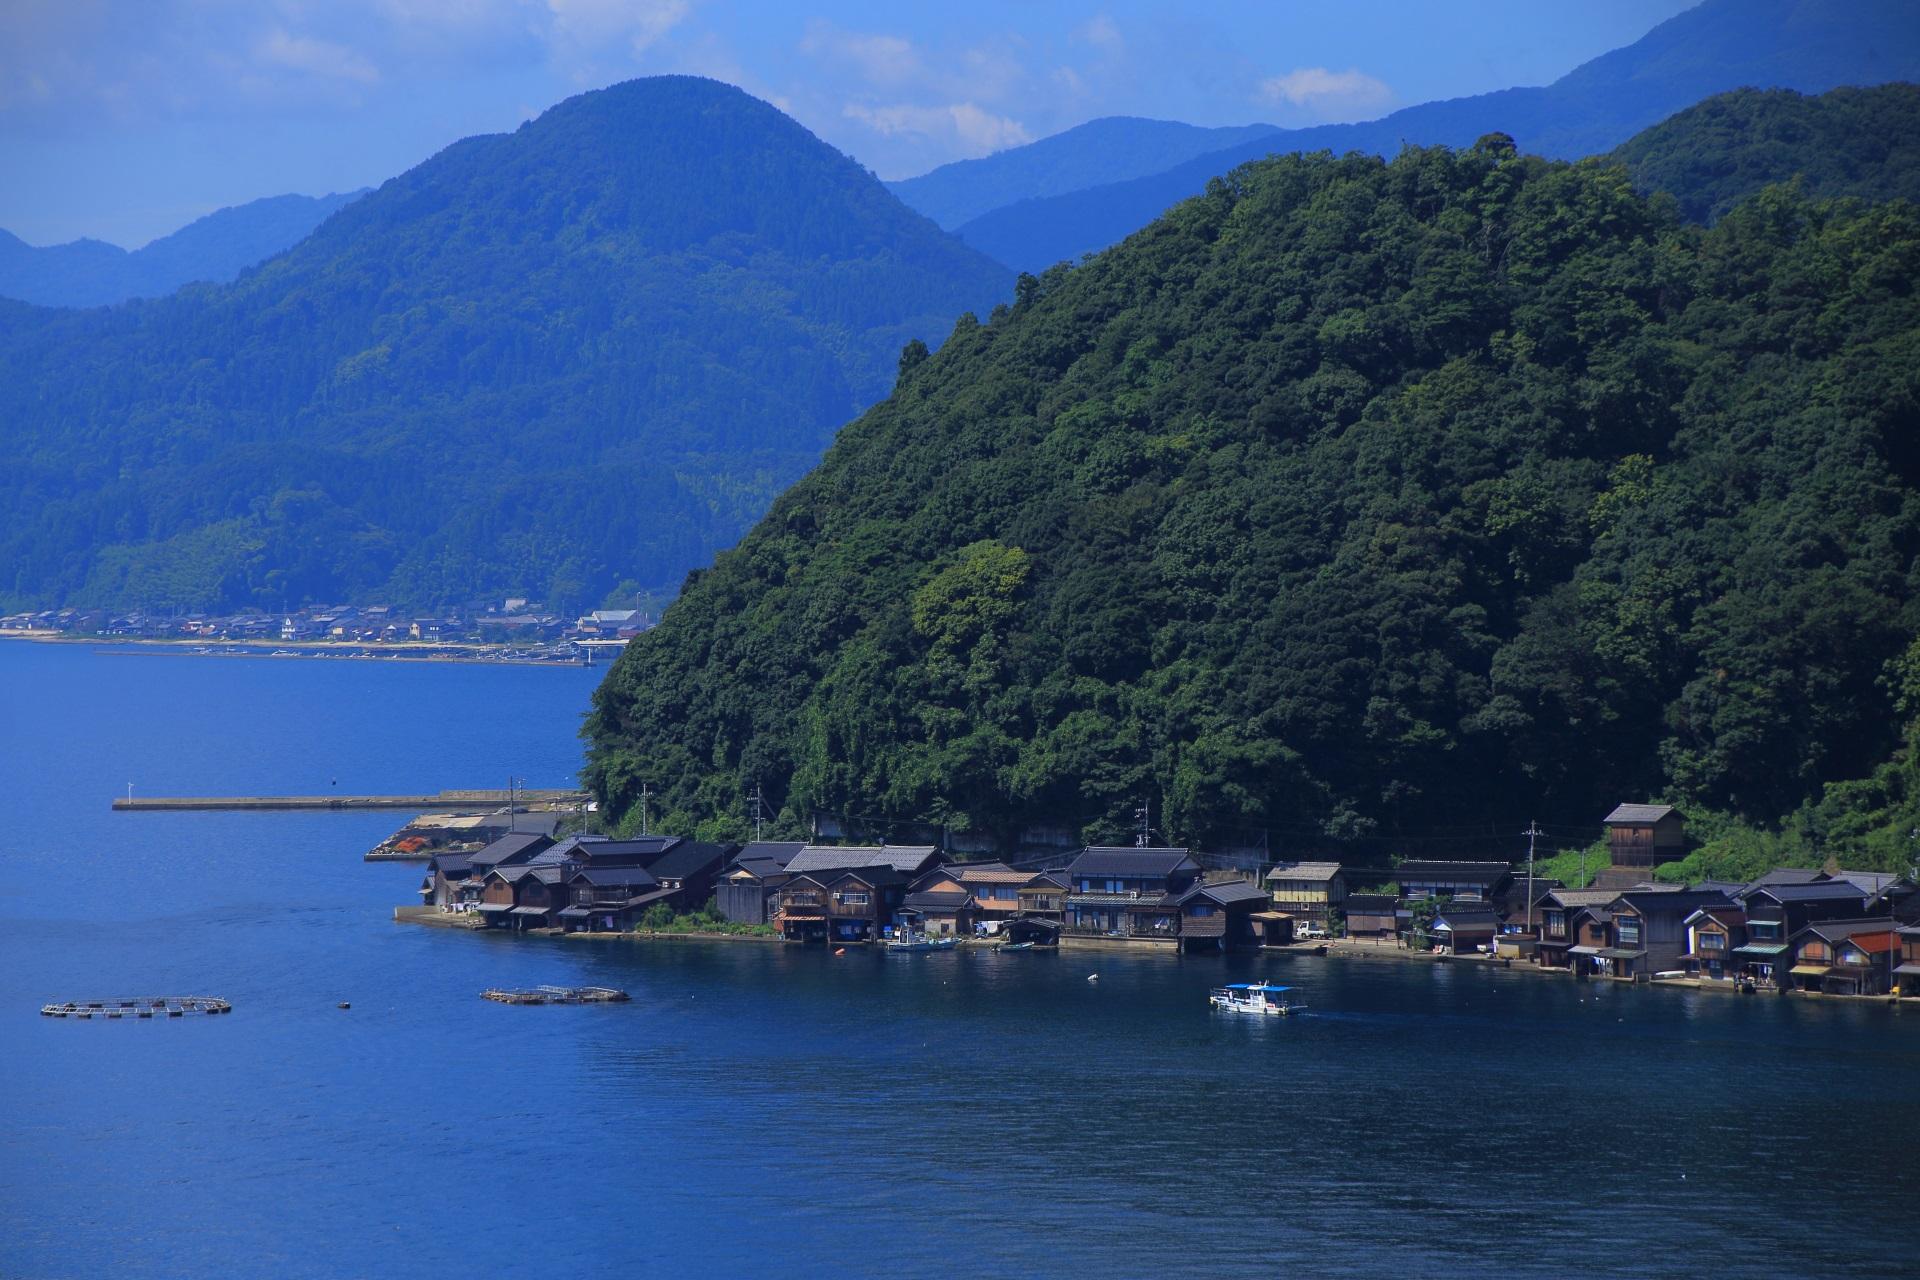 結構急勾配な山の麓に建つ伊根の舟屋